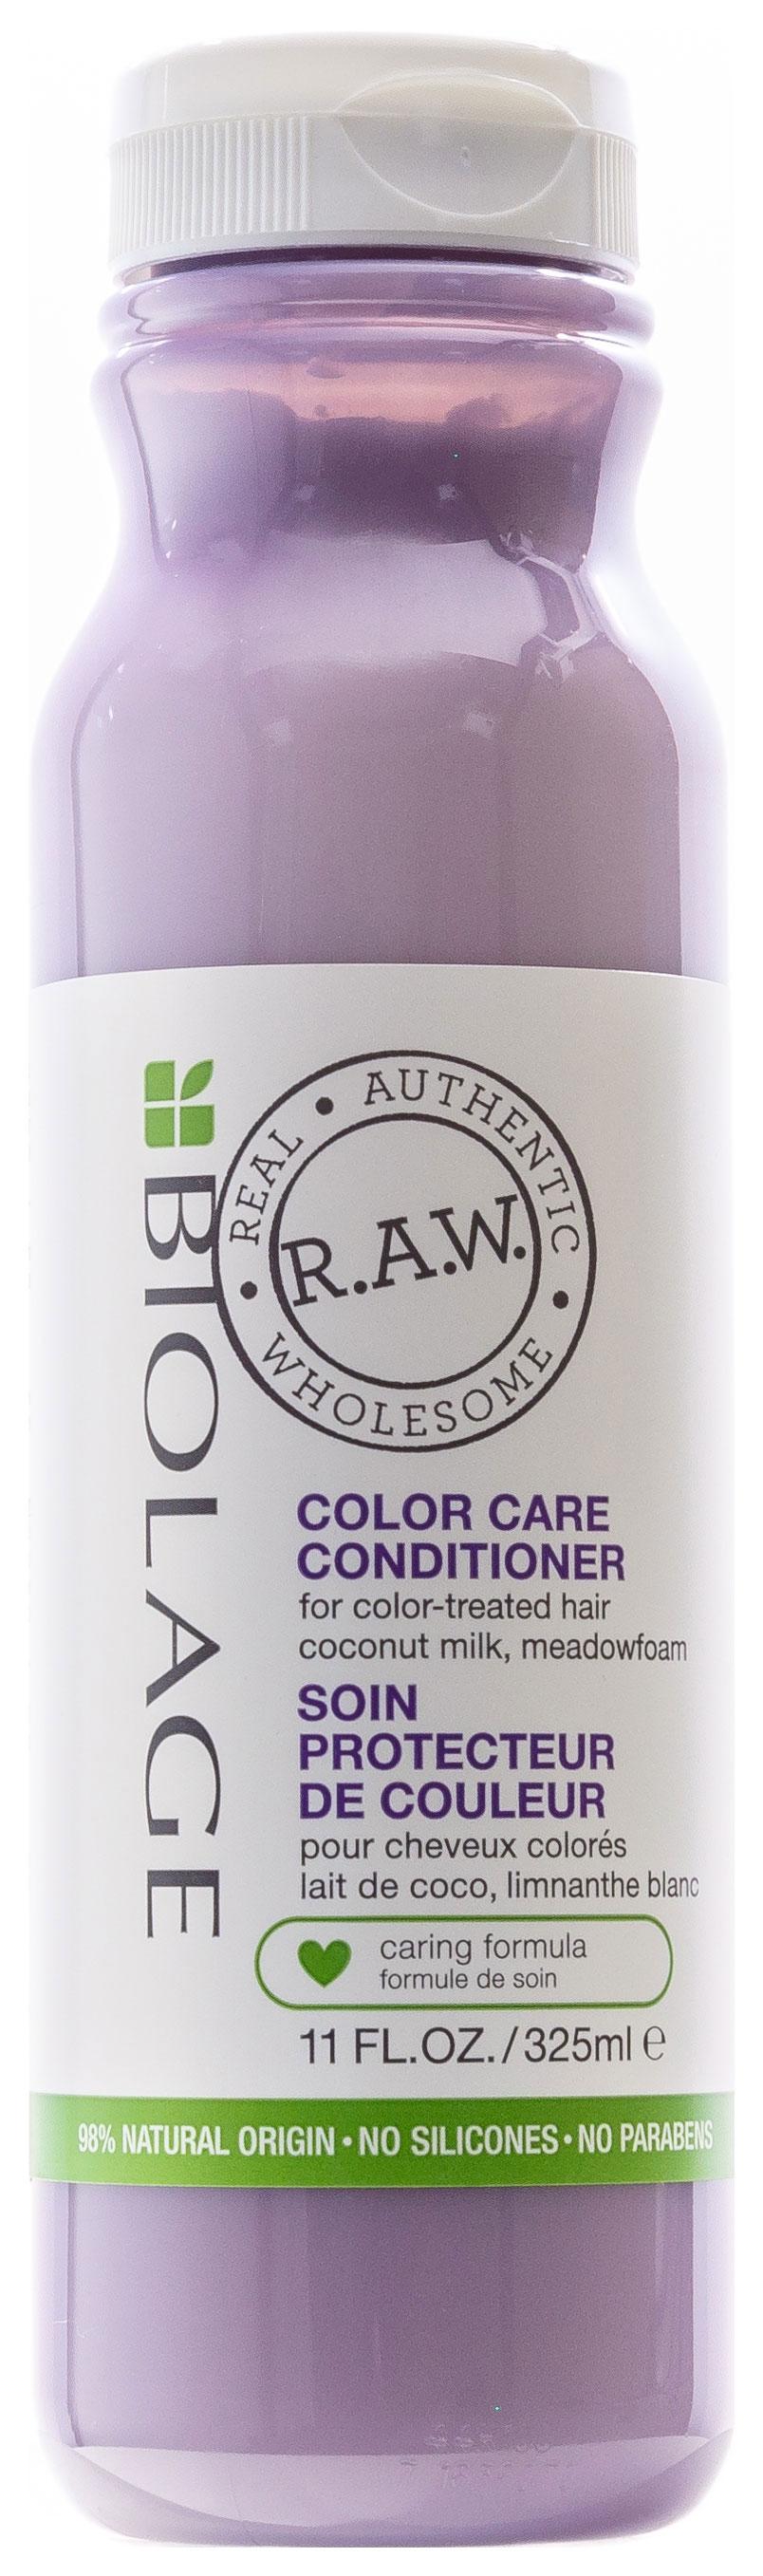 Кондиционер для волос Matrix Biolage R.A.W Color Care 325 мл